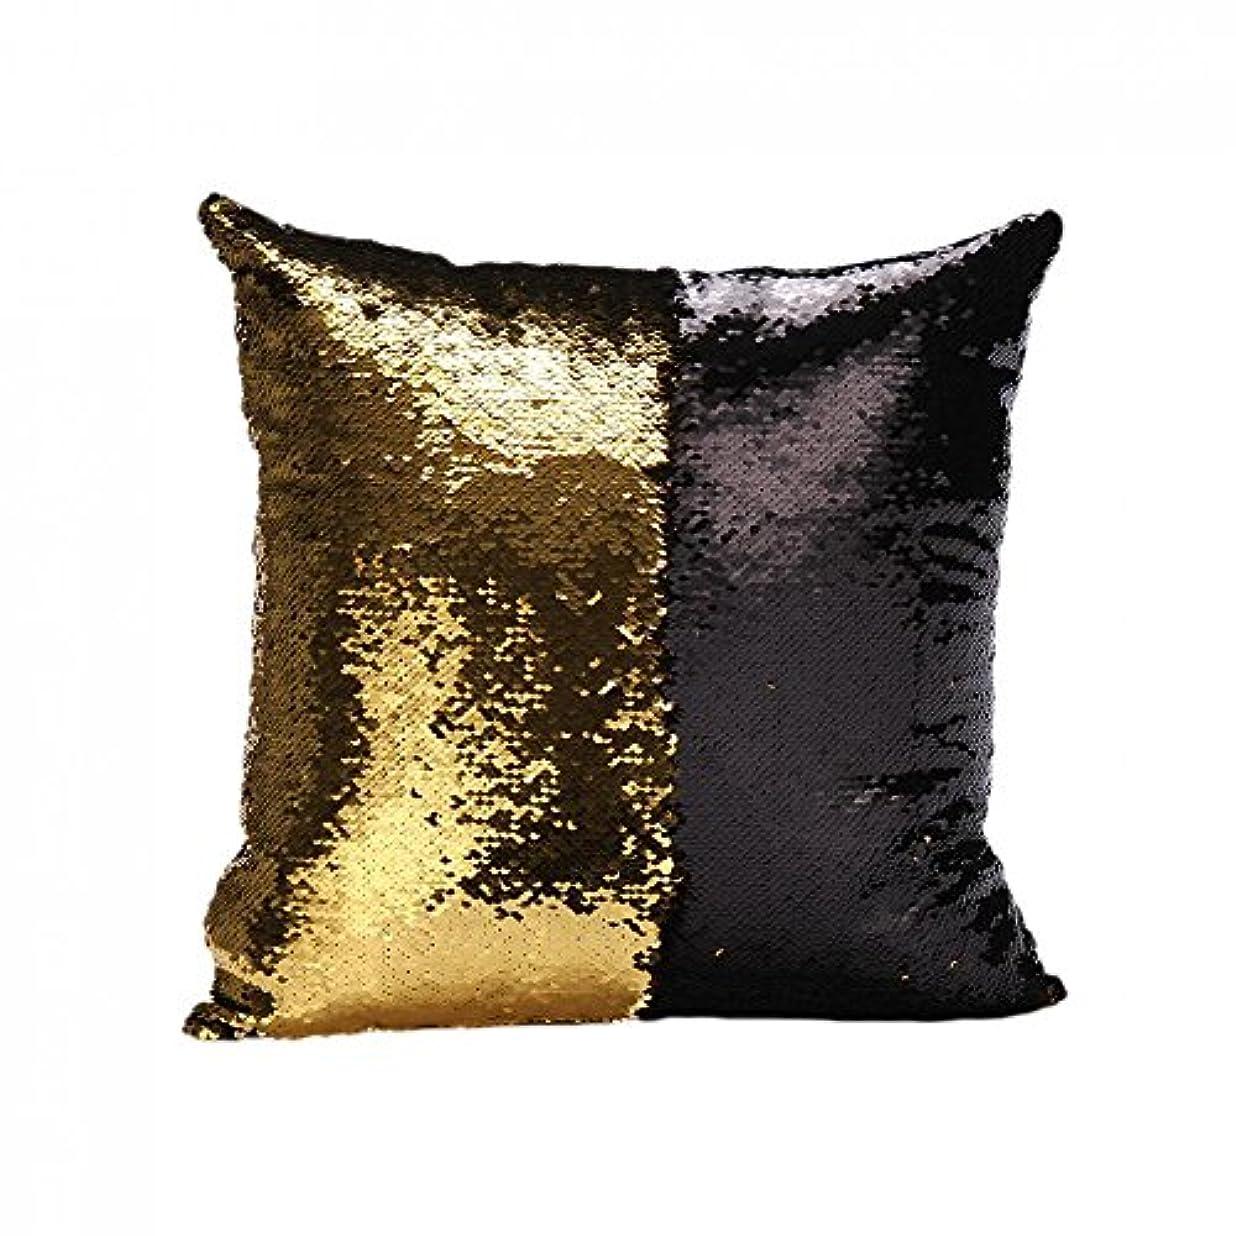 形容詞侵略なくなるB Blesiya 可逆スエードスパンコールソファ腰クッションカバーベッドの枕カバースリップ黒